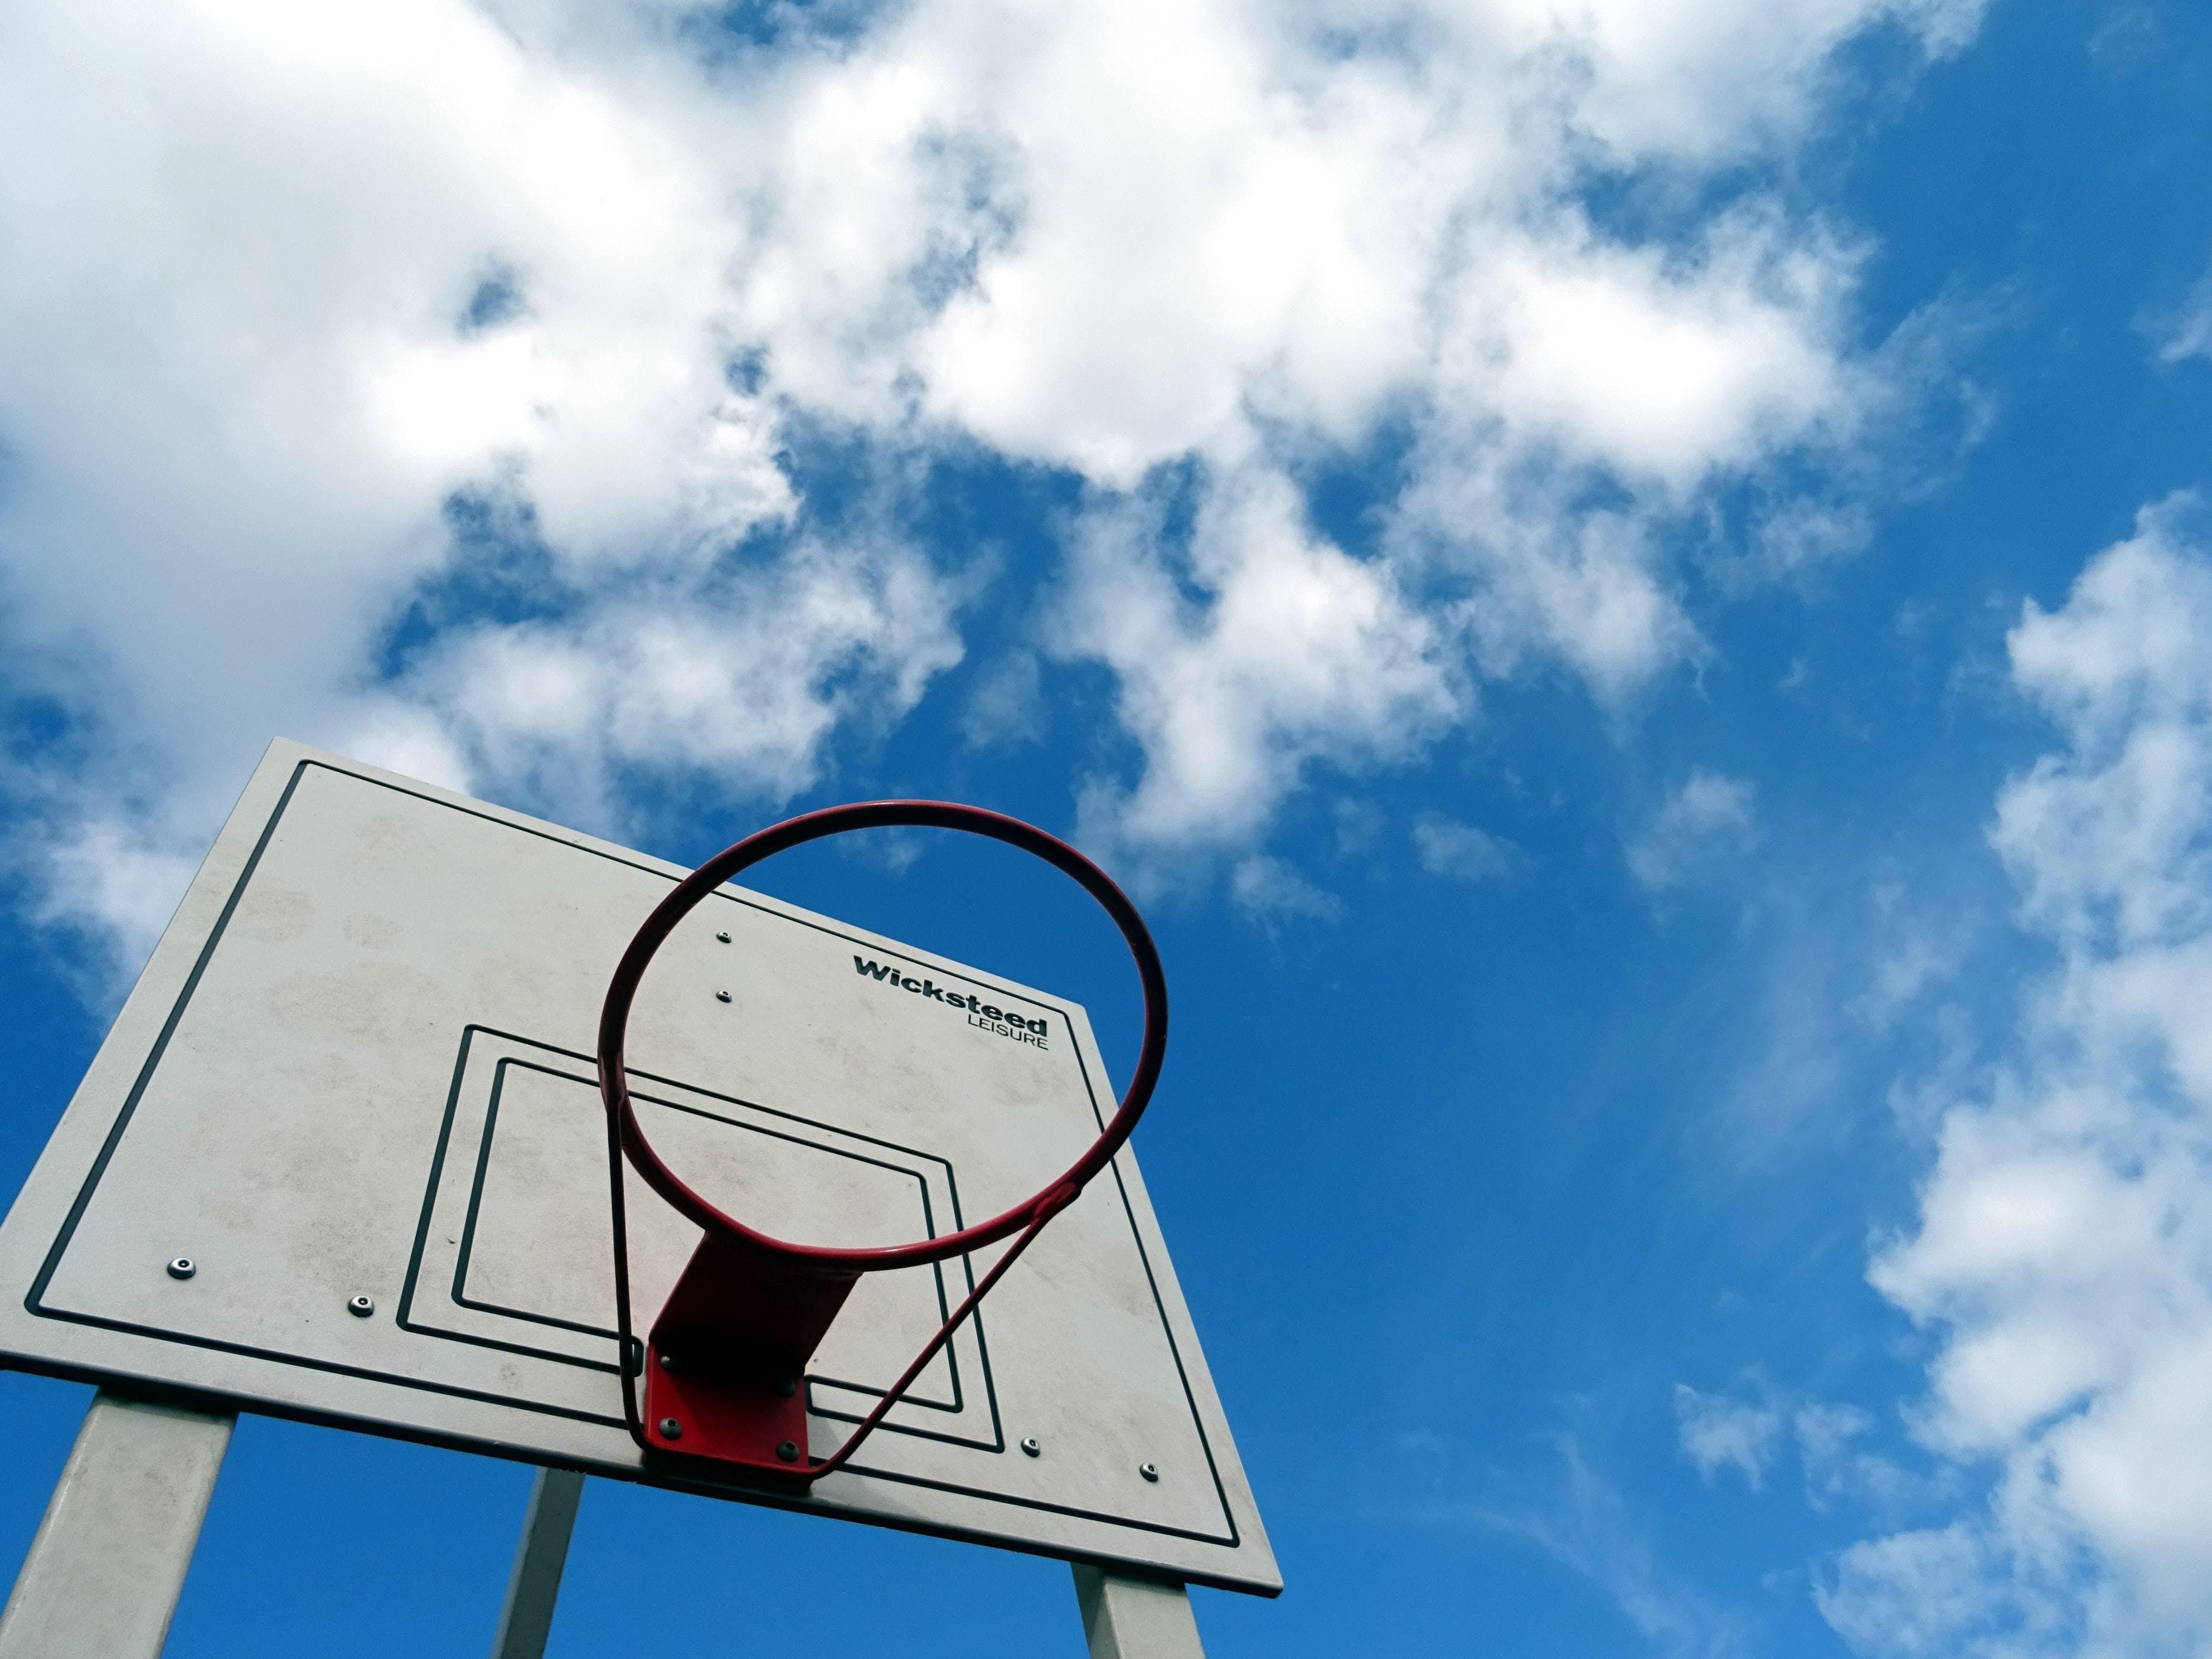 achievement, basketball, basketball court